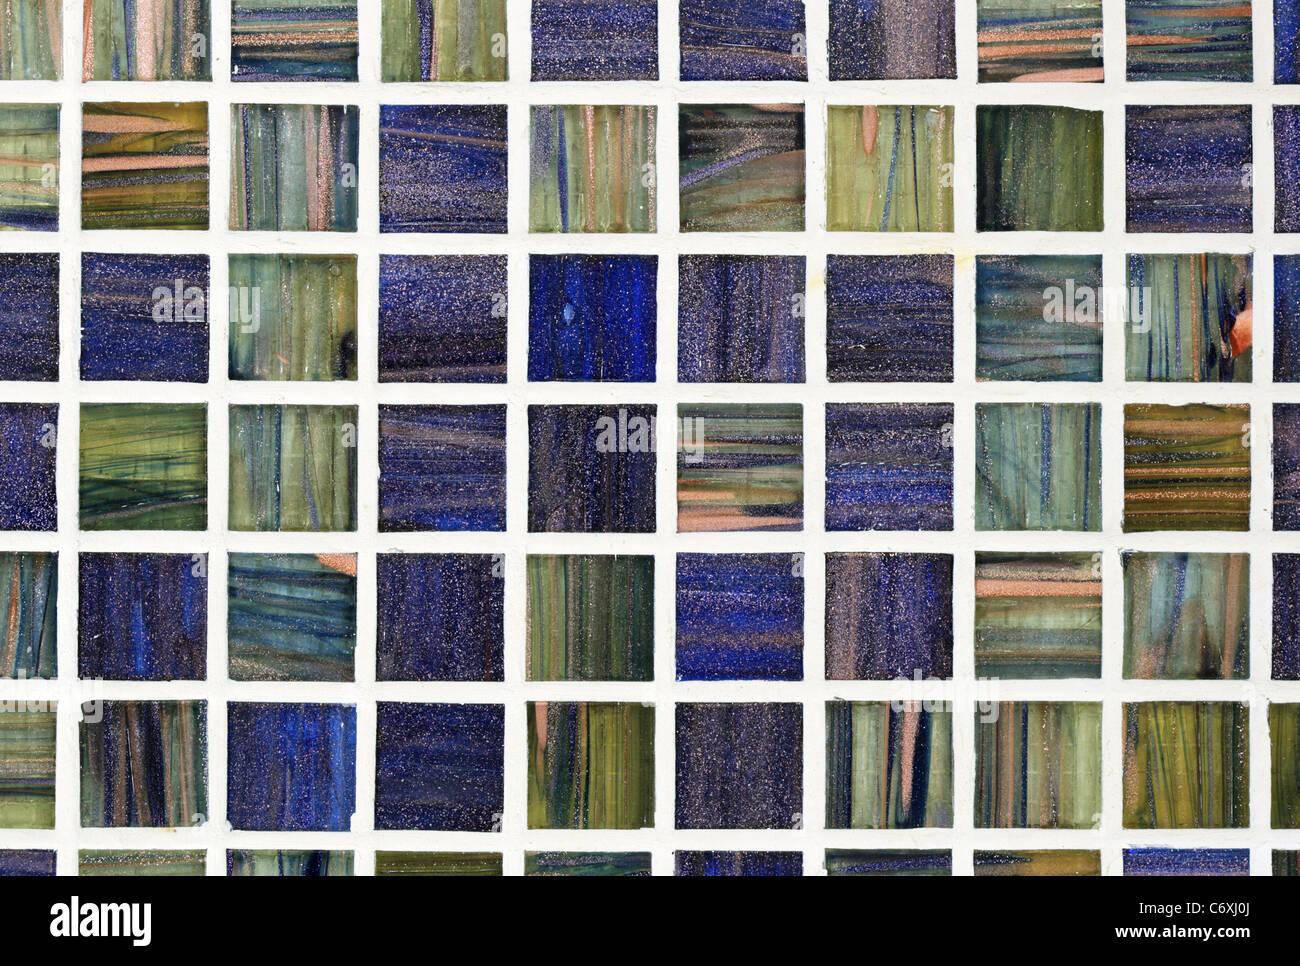 Il Verde E Il Blu Mattonella Di Vetro Con Sfondo Bianco Boiacca